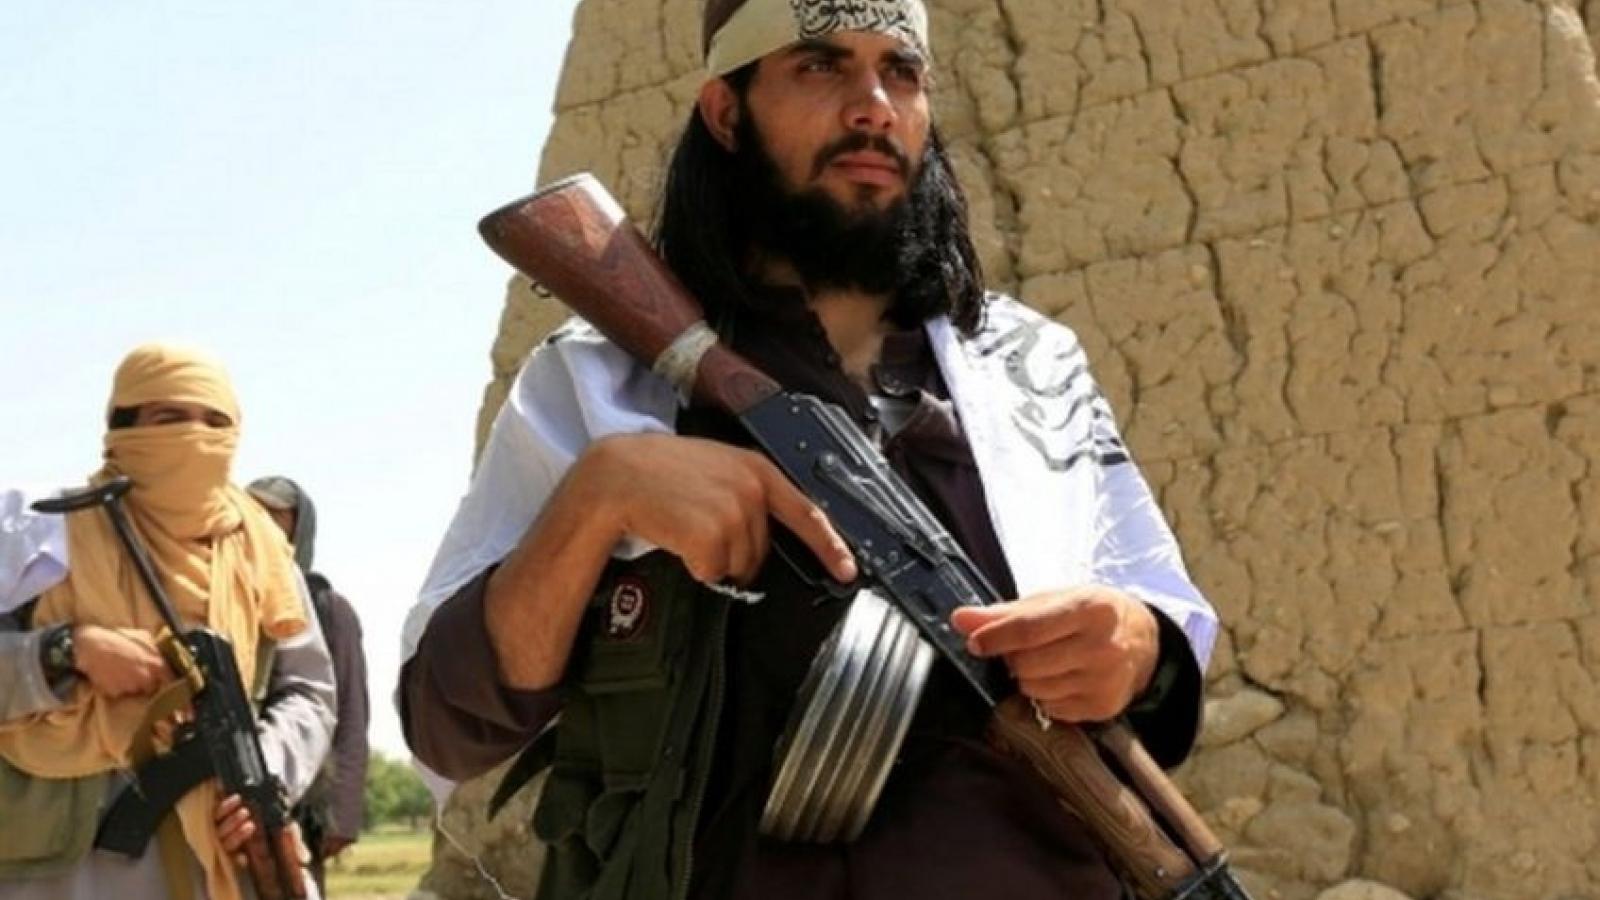 Cập nhật về tình hình Mỹ rút quân và Taliban chiếm thêm nhiều đất ở Afghanistan